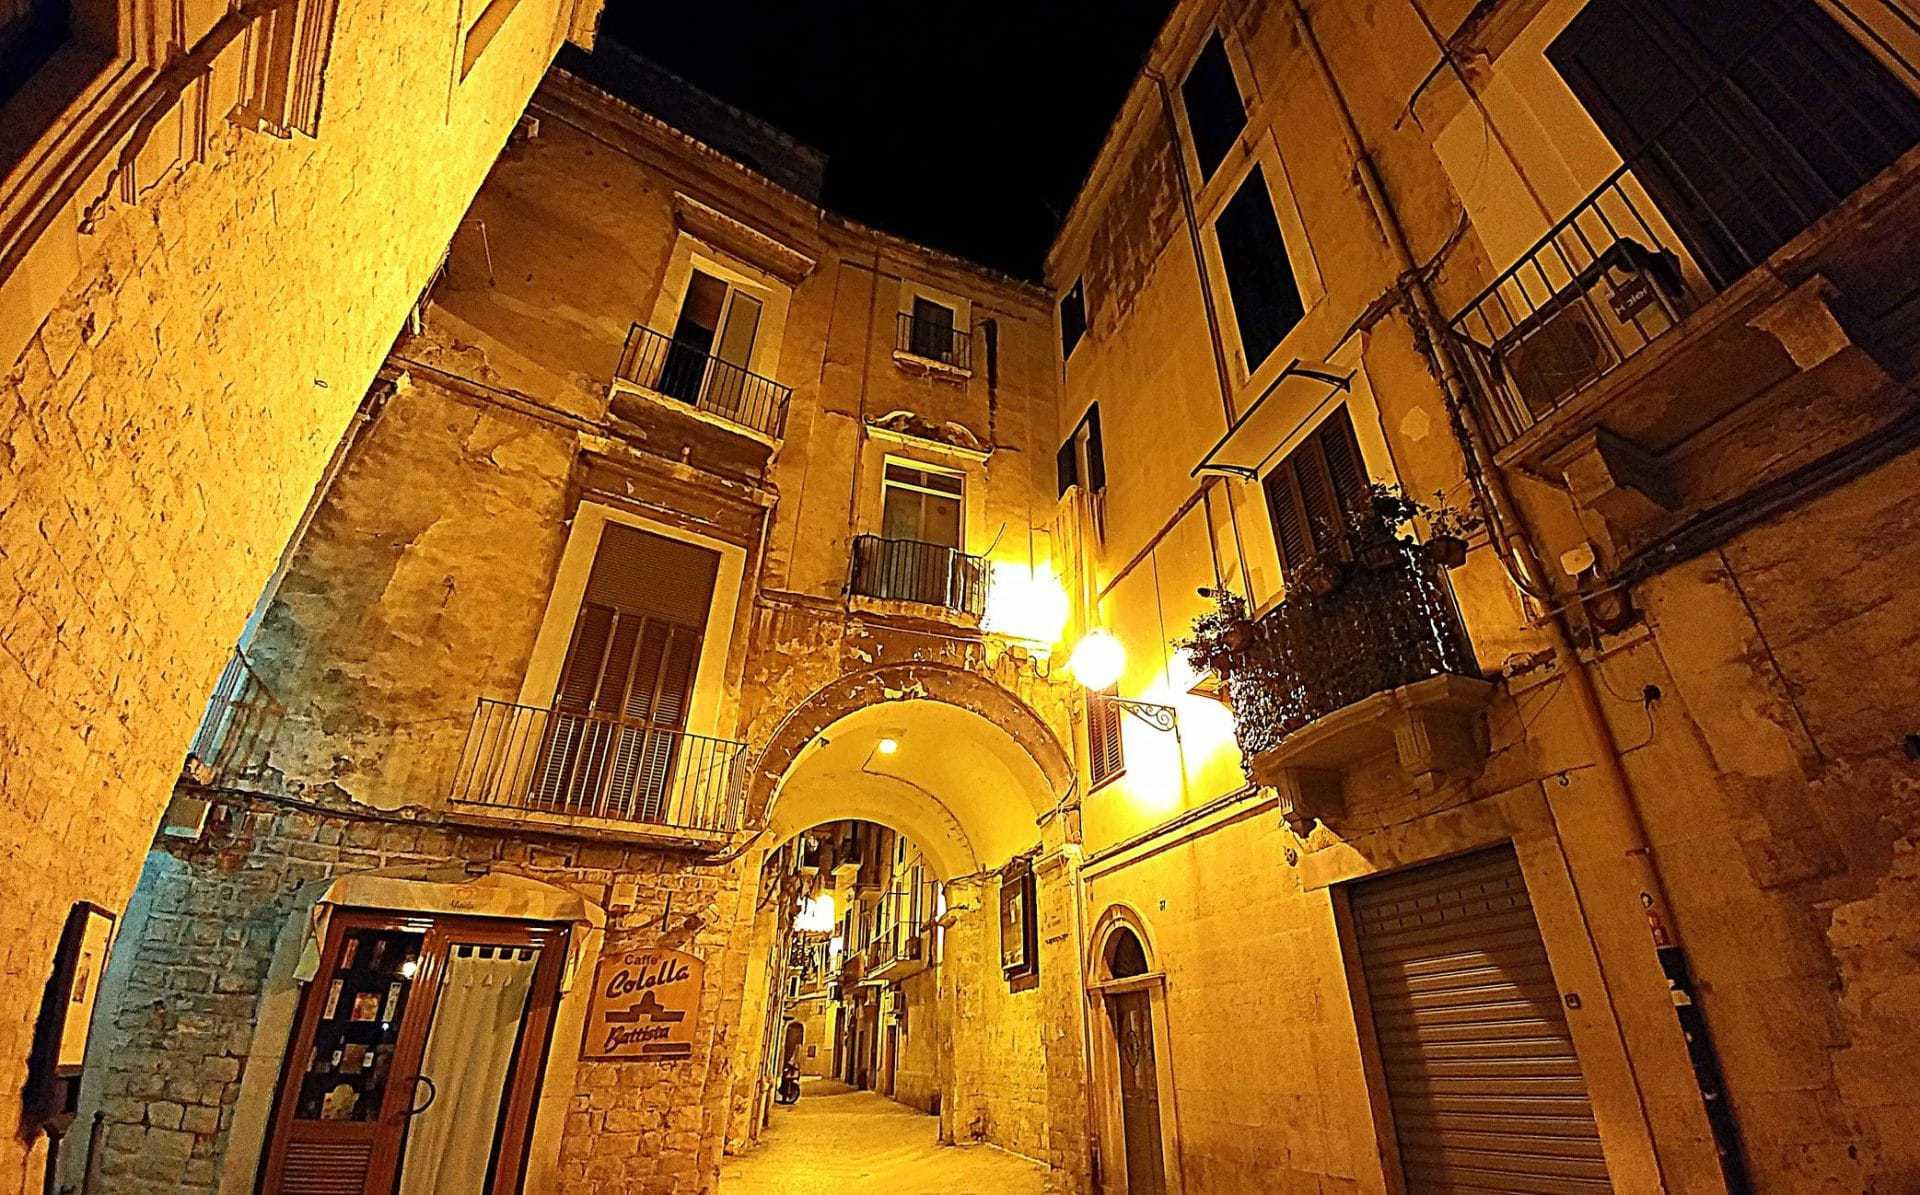 Cosa vedere a Bari Vecchia: mini itinerario nel borgo antico di Bari